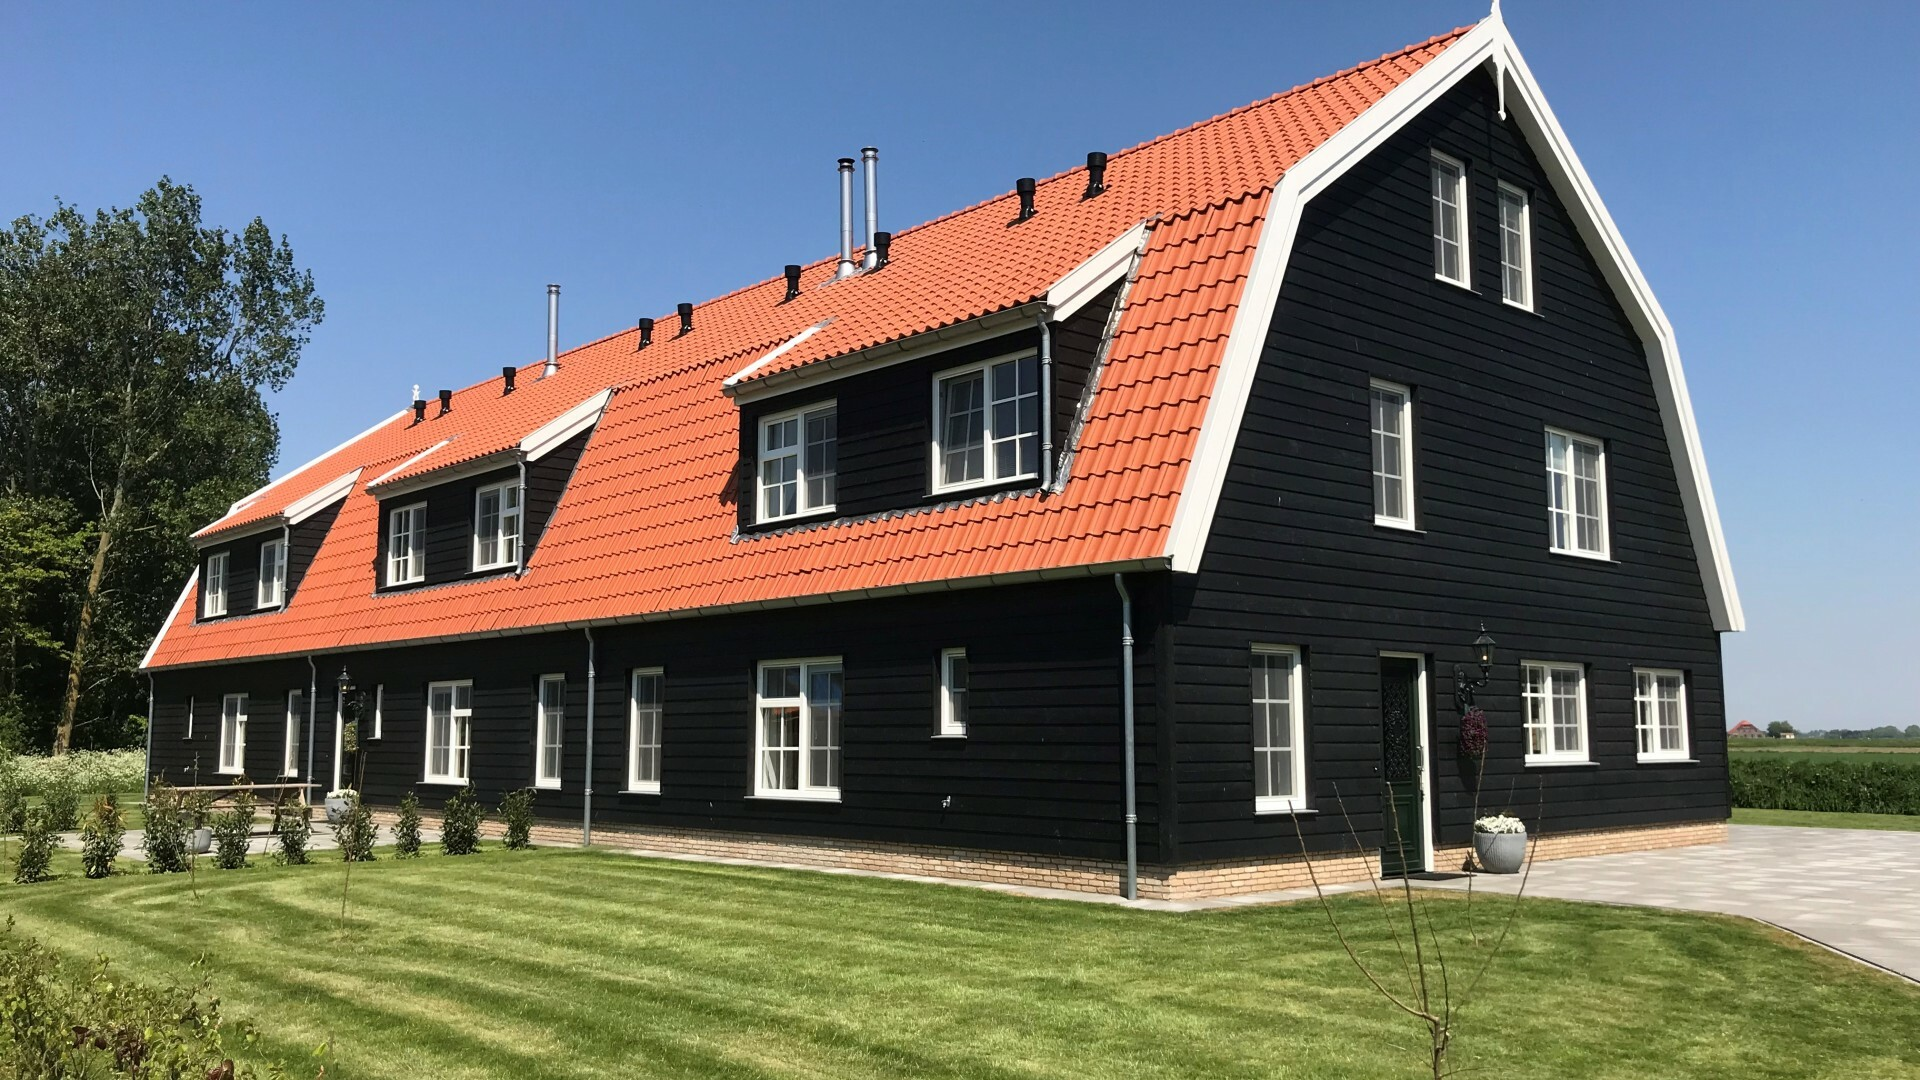 Groepsverblijf Nieuw Leven VVV Texel